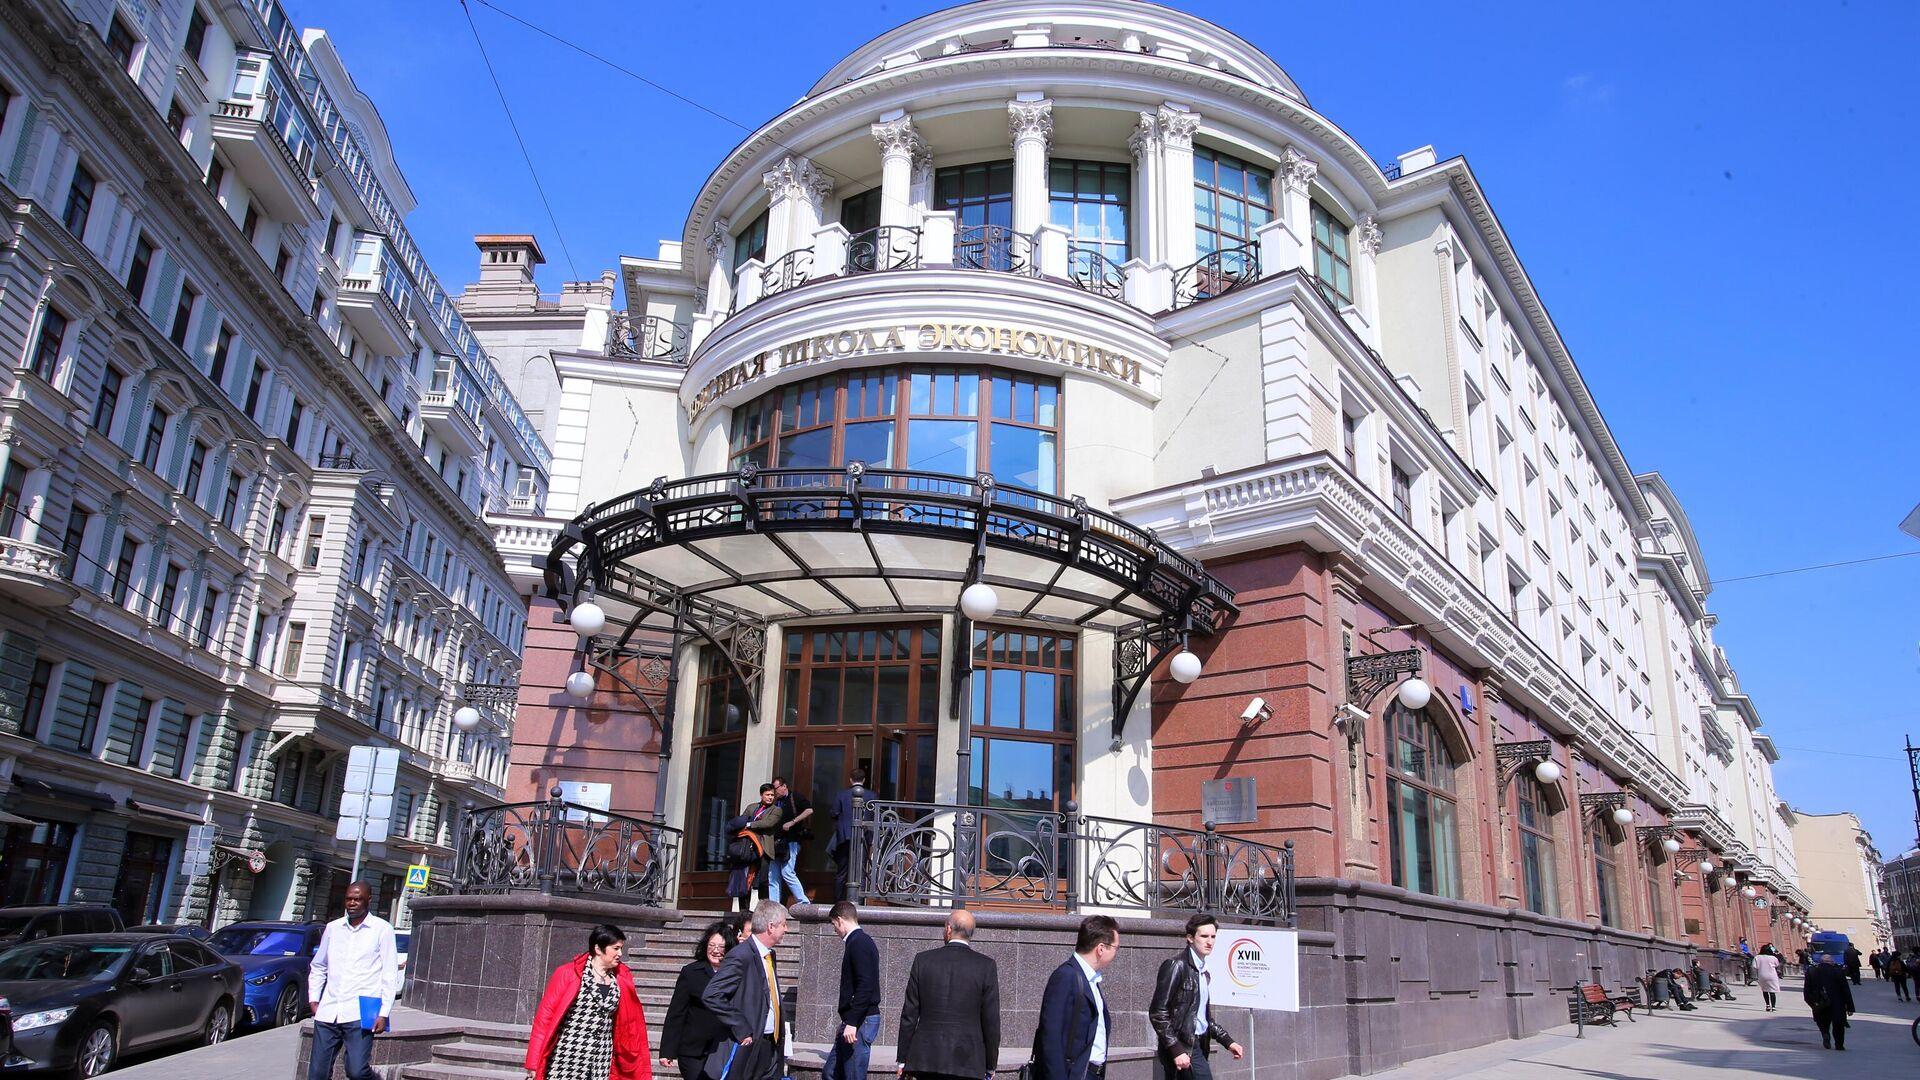 Здание Национального исследовательского университета Высшей школы экономики (НИУ ВШЭ) в Москве - РИА Новости, 1920, 23.09.2021